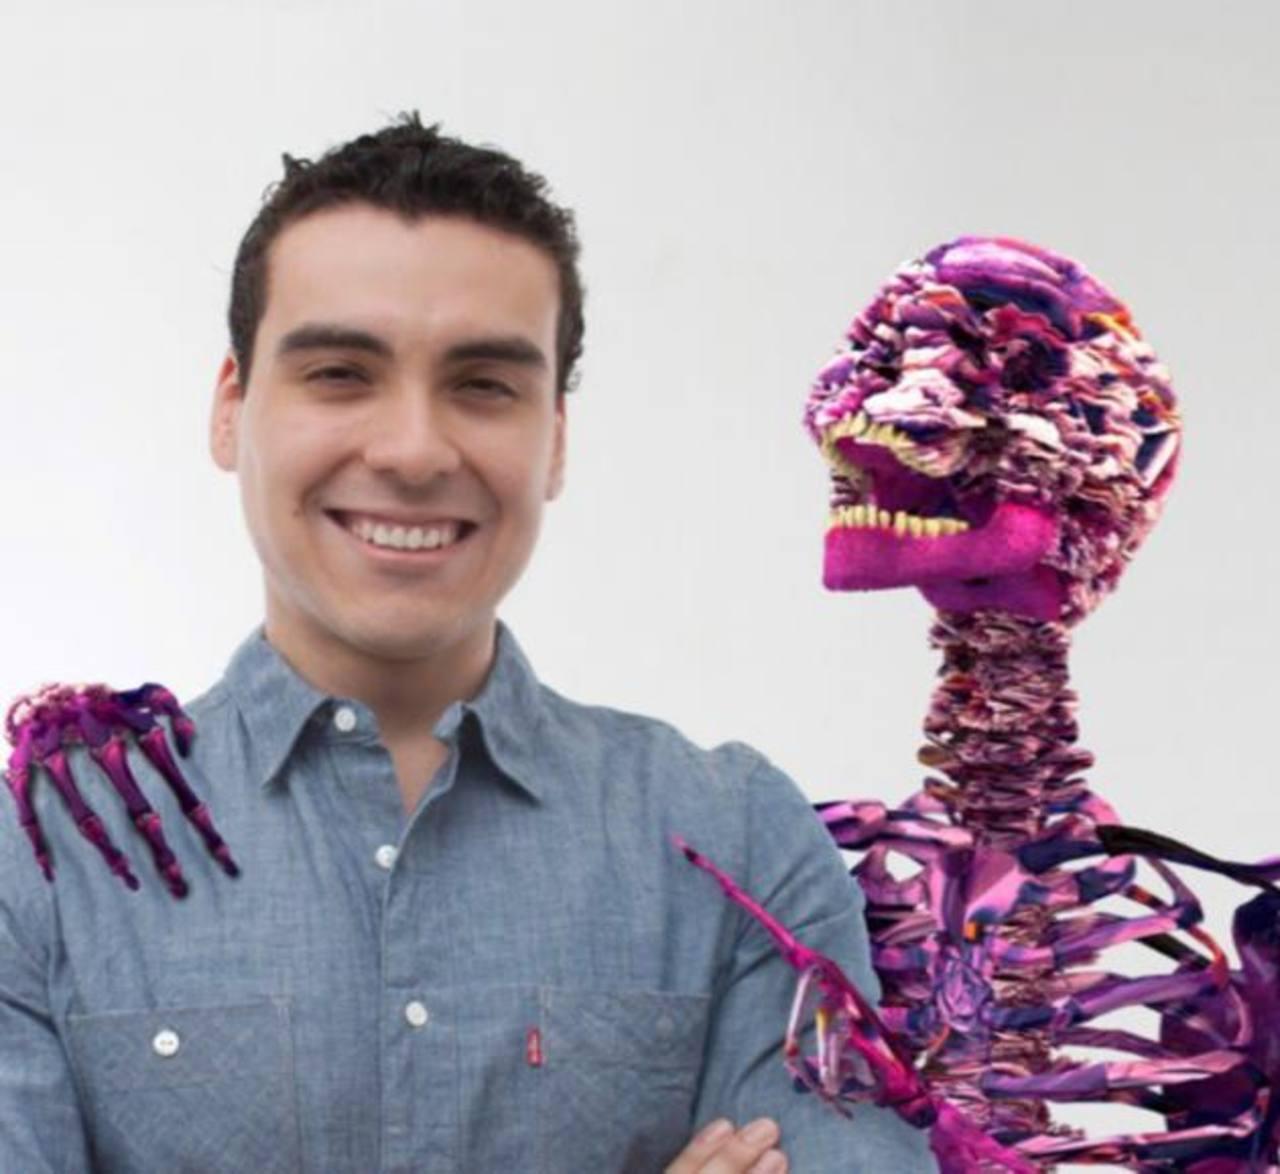 Salvador Guzmán es el creador del audiovisual. foto cortesía